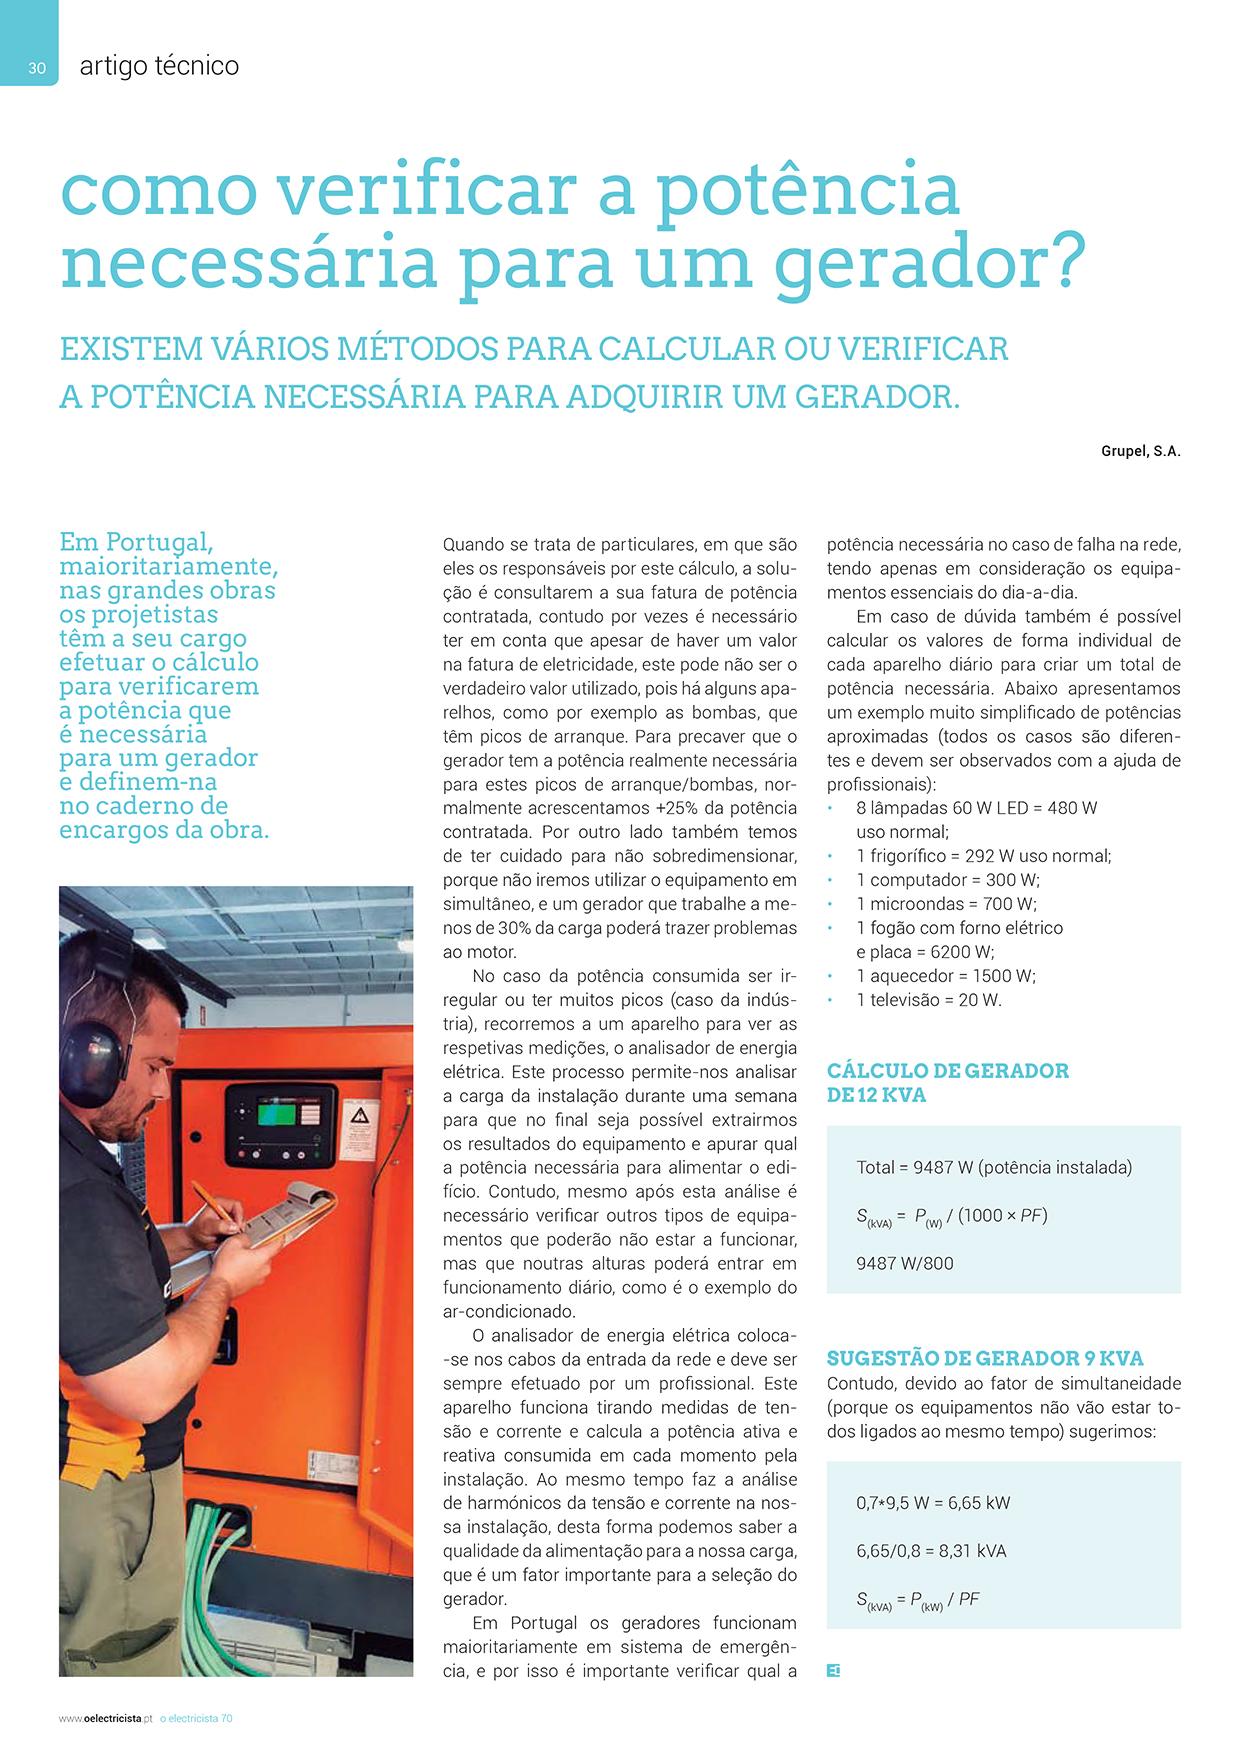 Artigo sobre como verificar a potência necessária para um gerador?